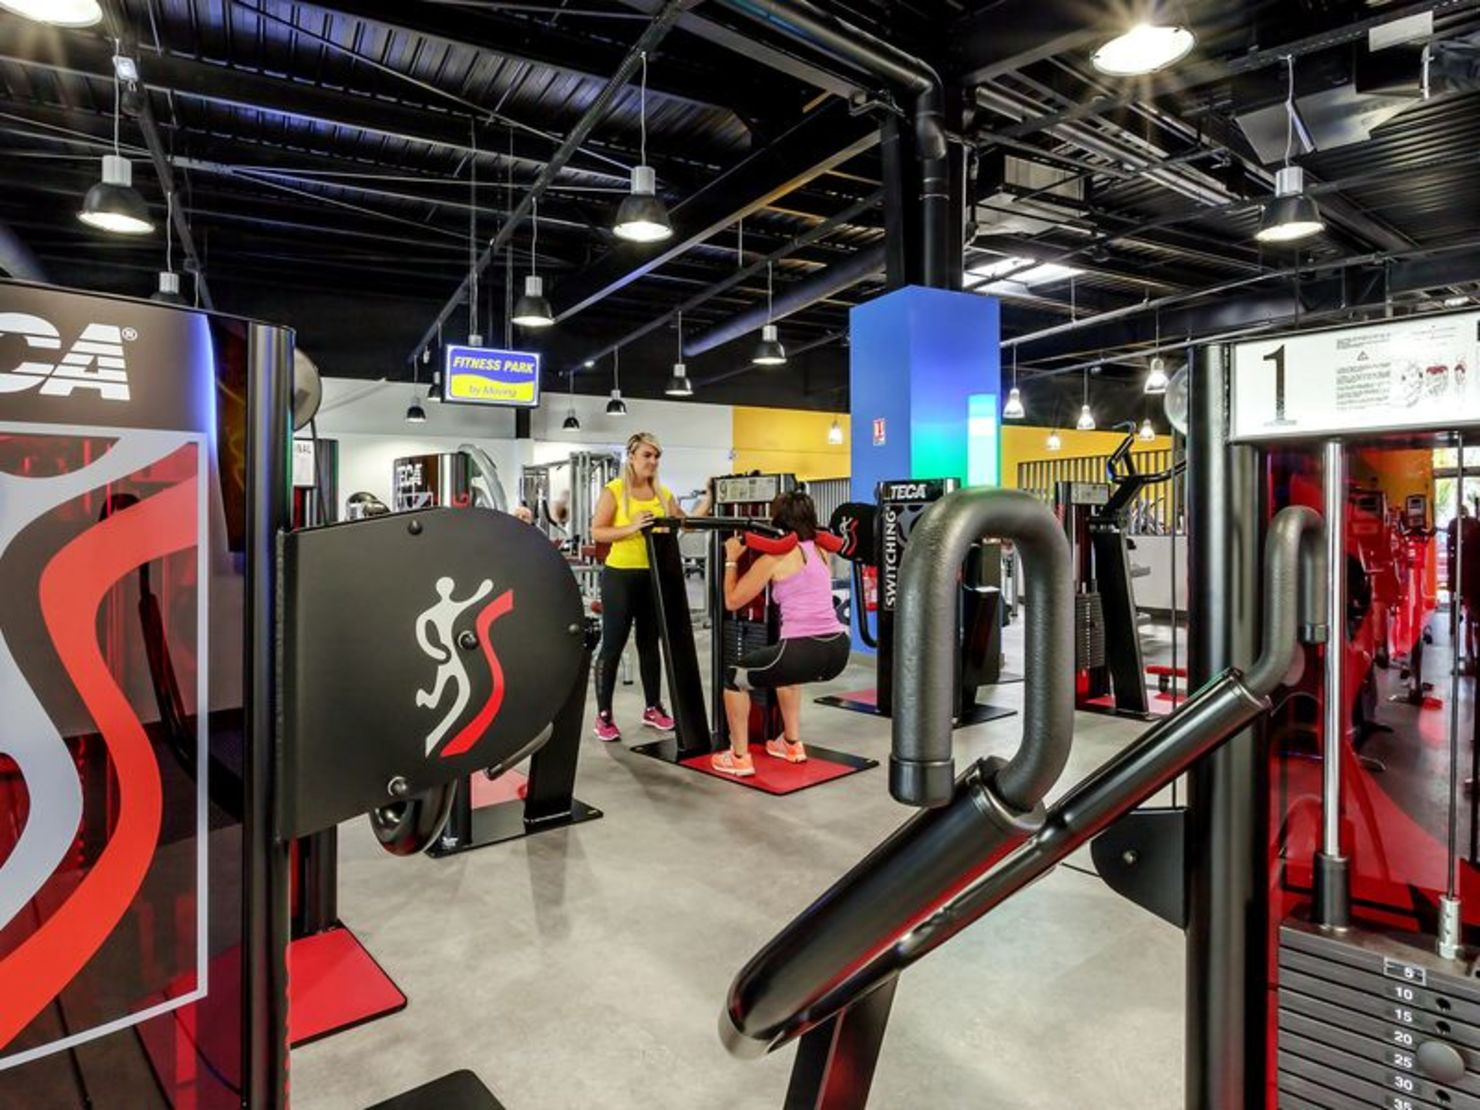 fitness park maurepas pariwest tarifs avis horaires essai gratuit